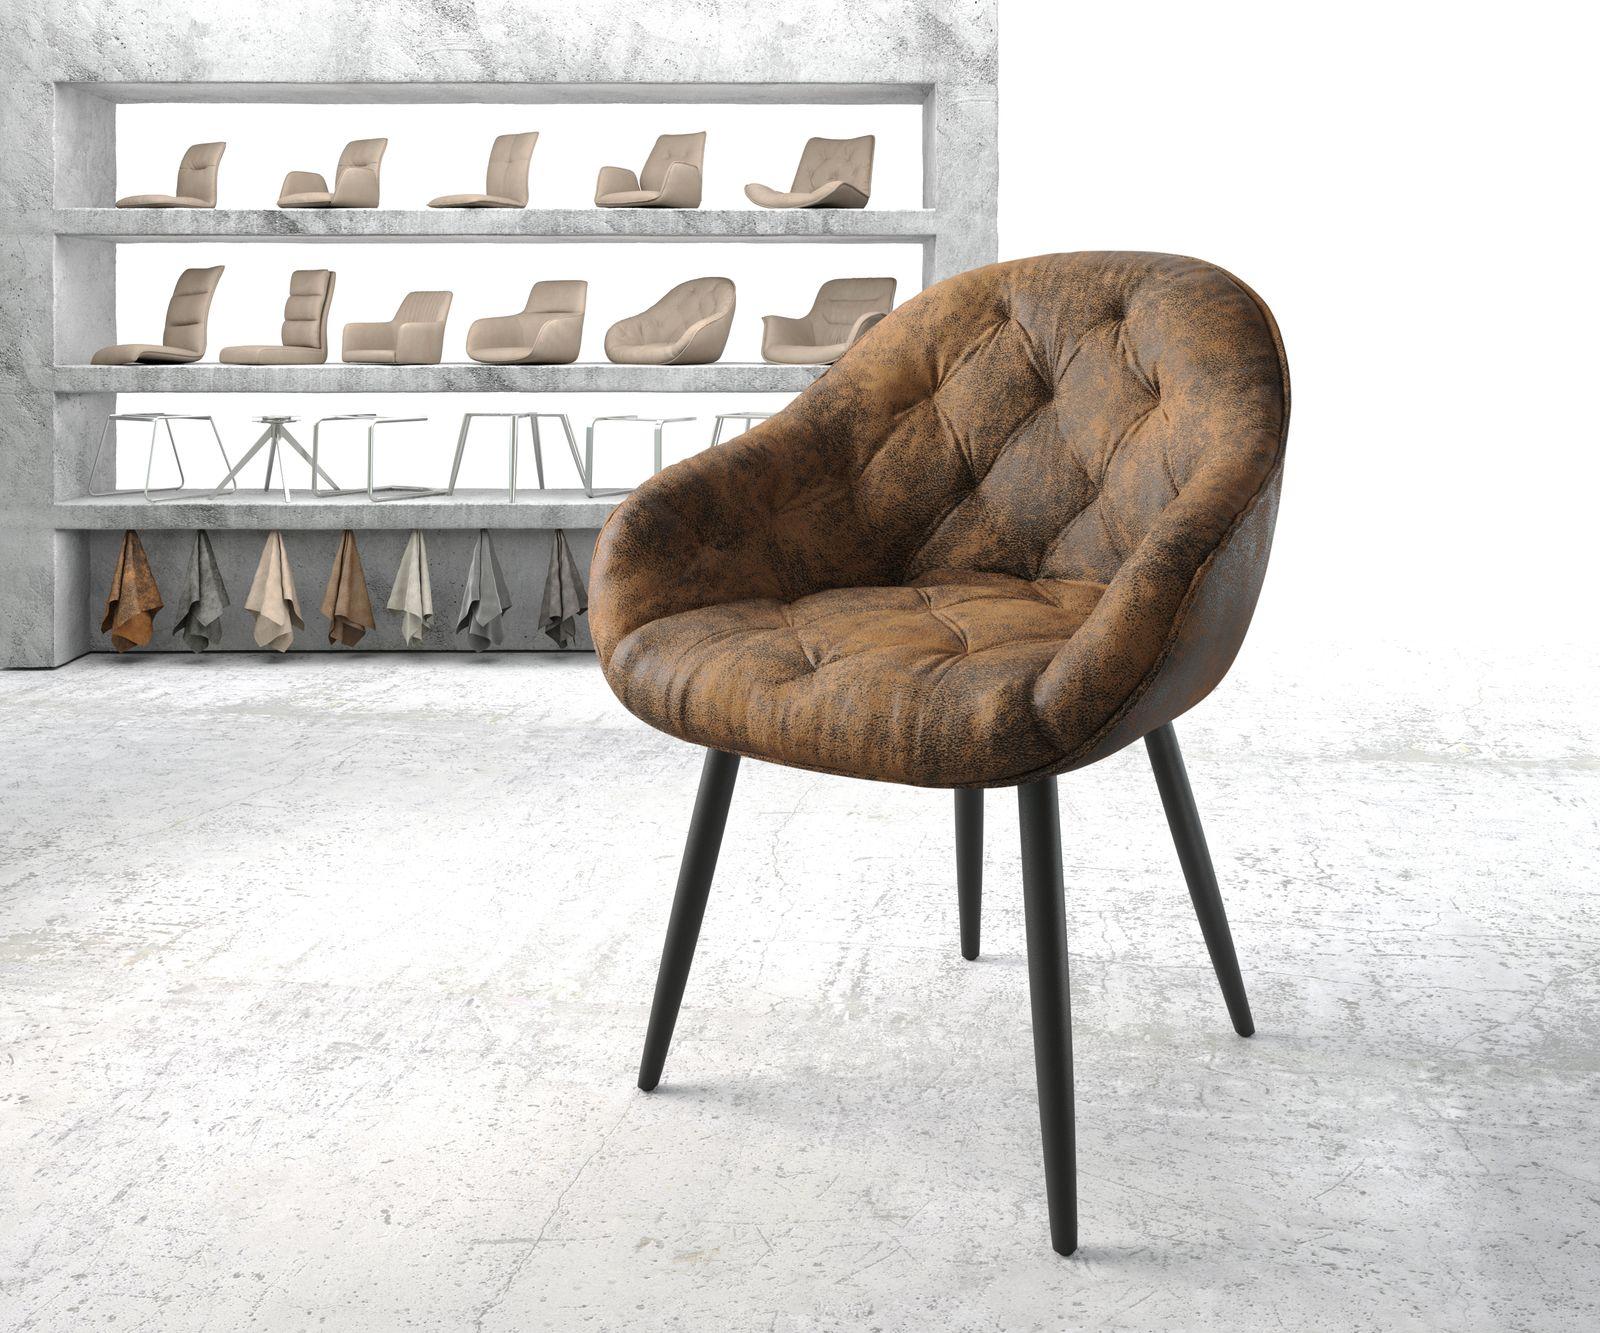 delife-armlehnstuhl-gaio-flex-braun-vintage-4-fu-konisch-schwarz-esszimmerstuhle